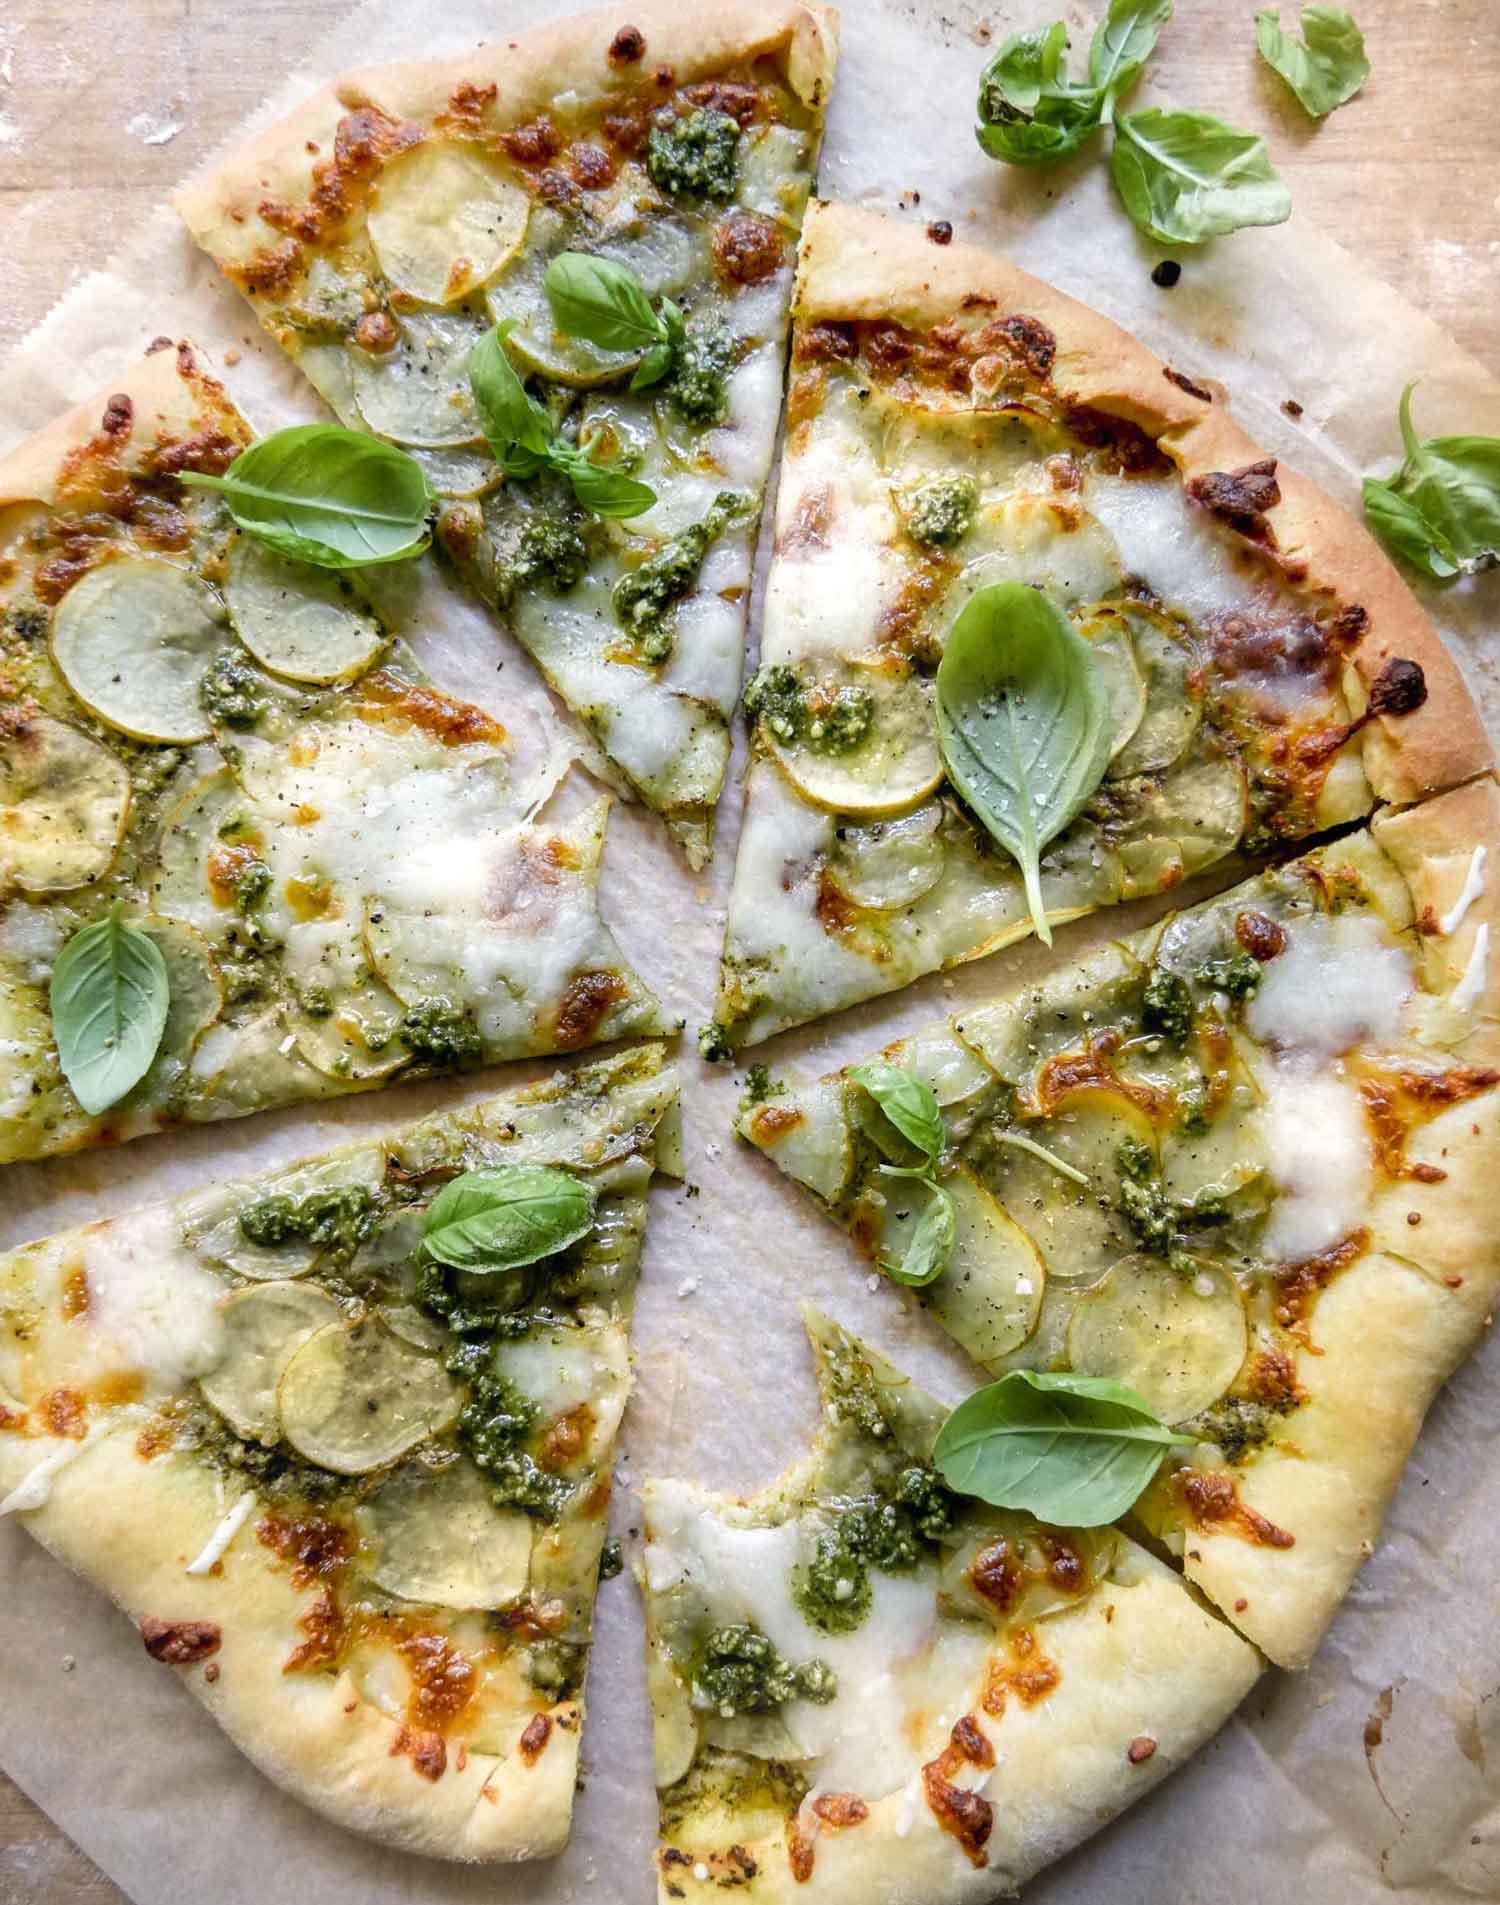 lækre sprøde pizzabunde med kartoffel og basilikum til vegetar pizza